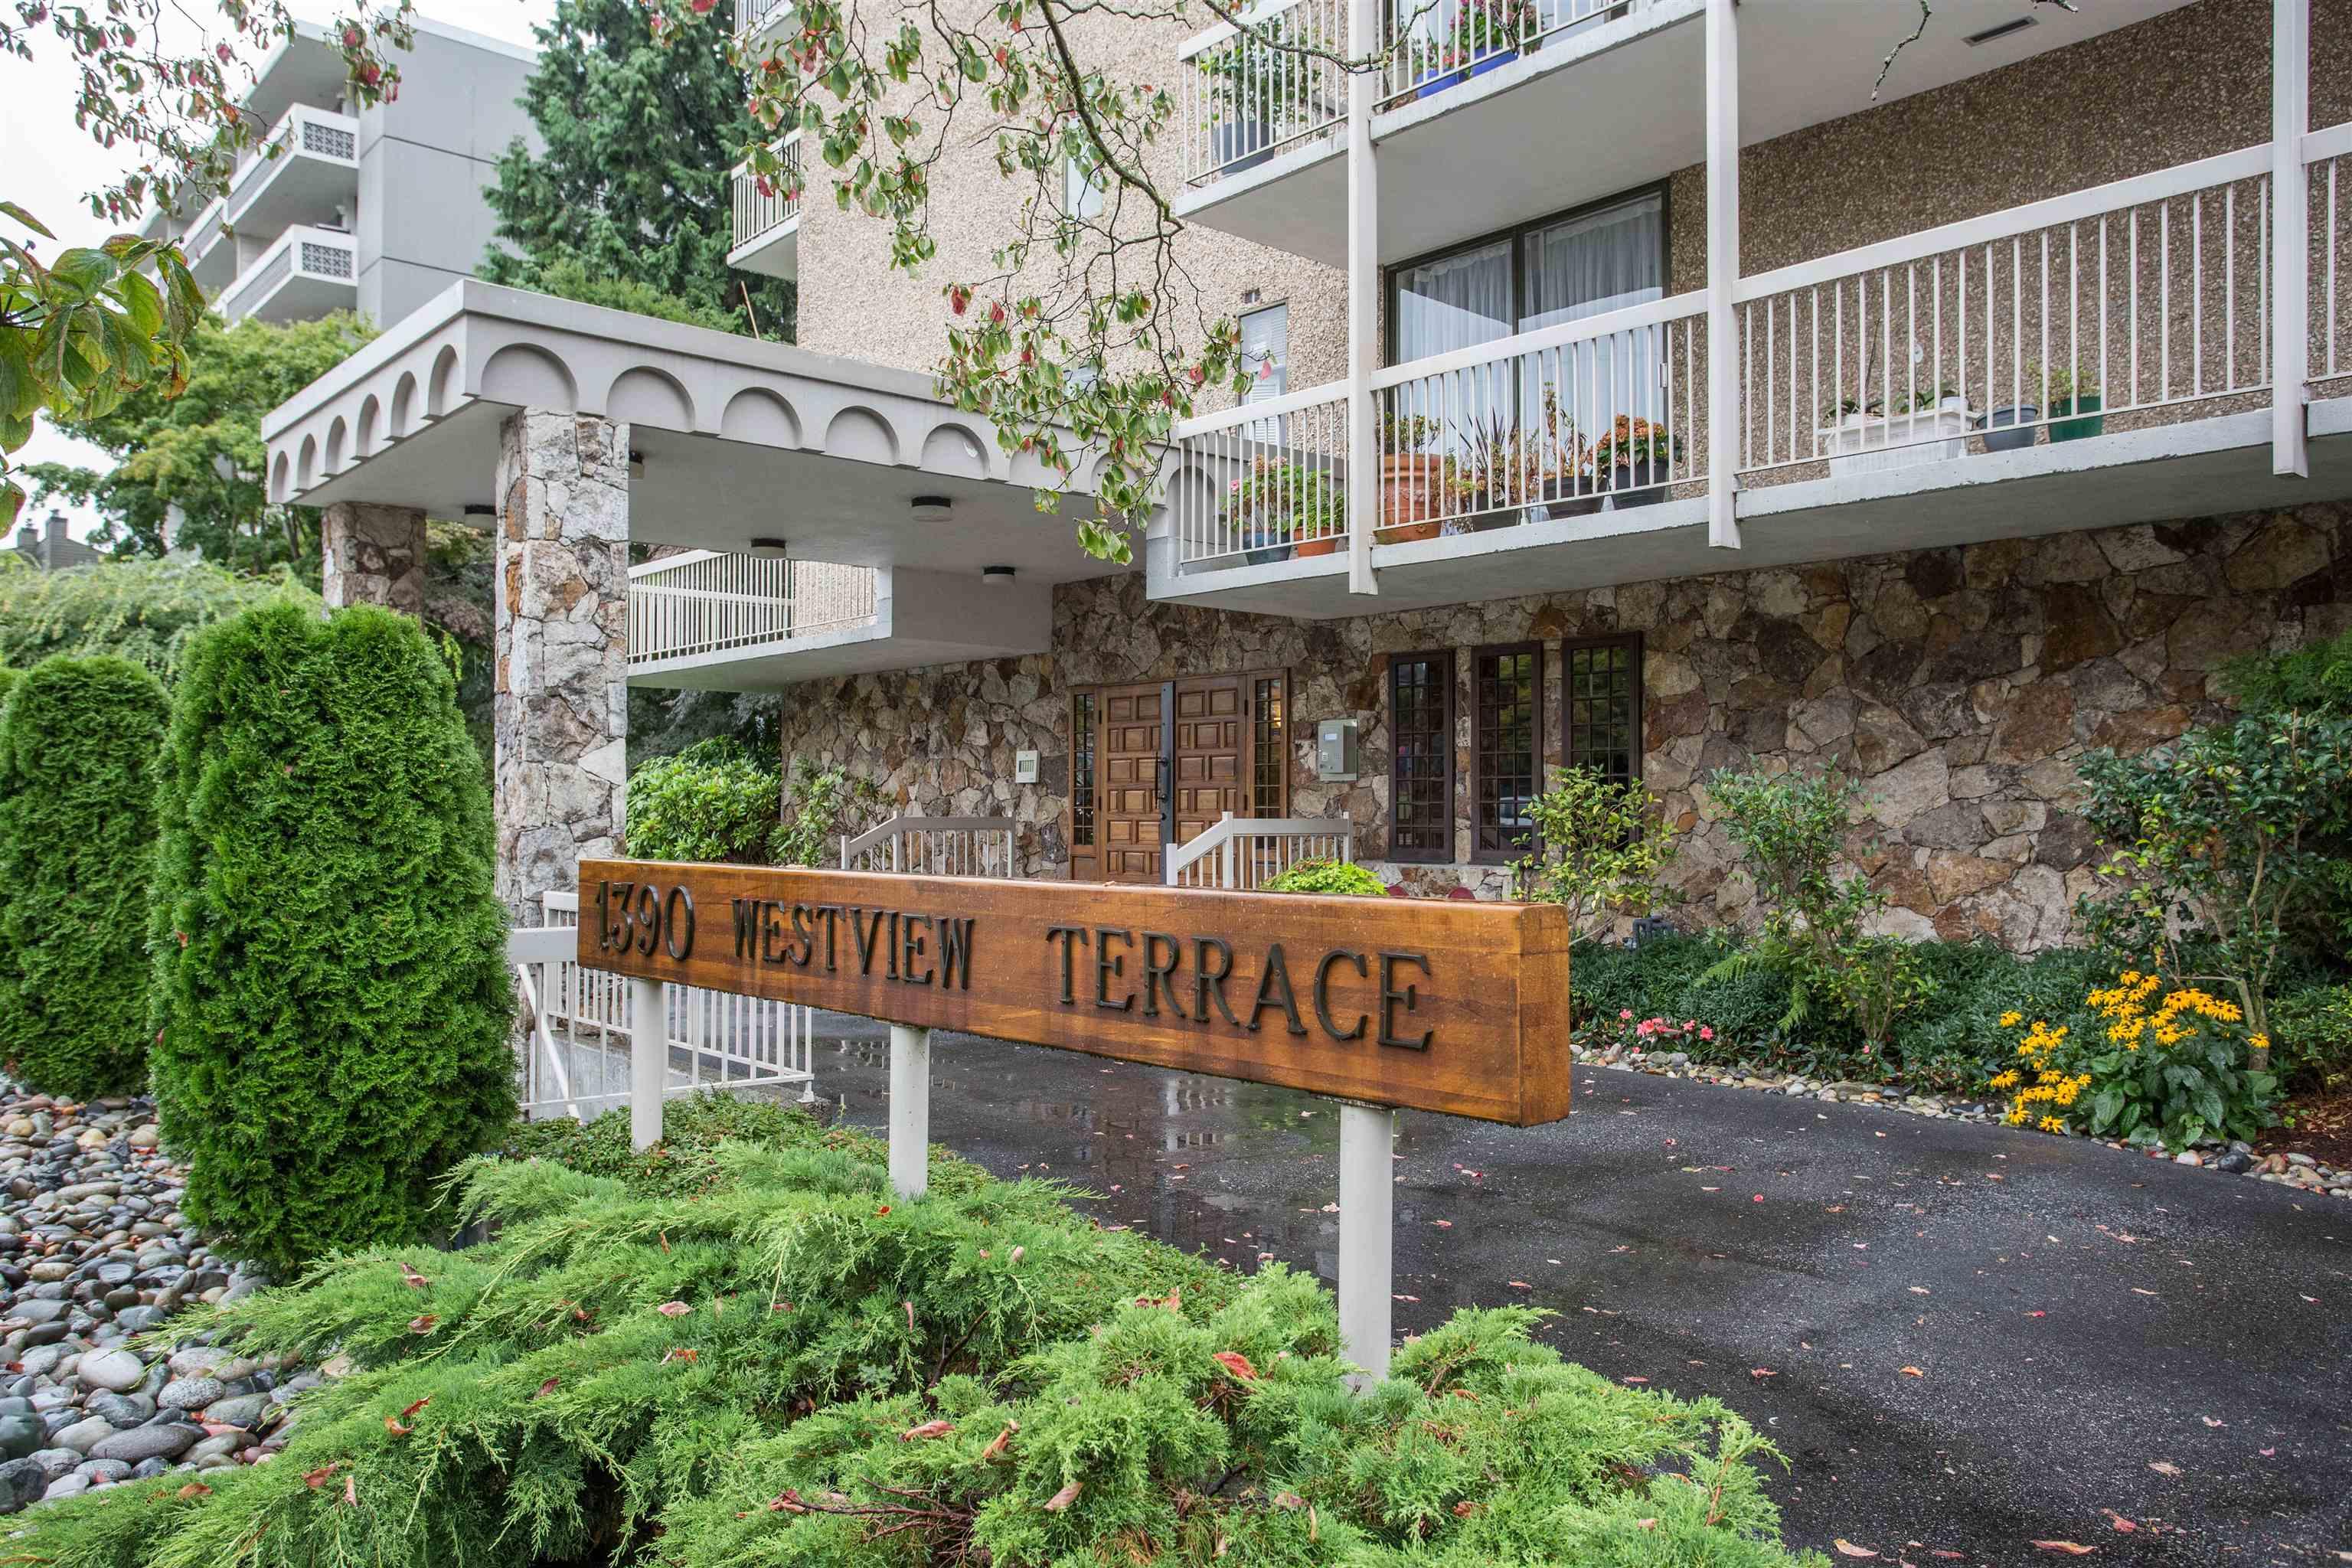 203 1390 DUCHESS AVENUE - Ambleside Apartment/Condo for sale, 1 Bedroom (R2611618) - #36